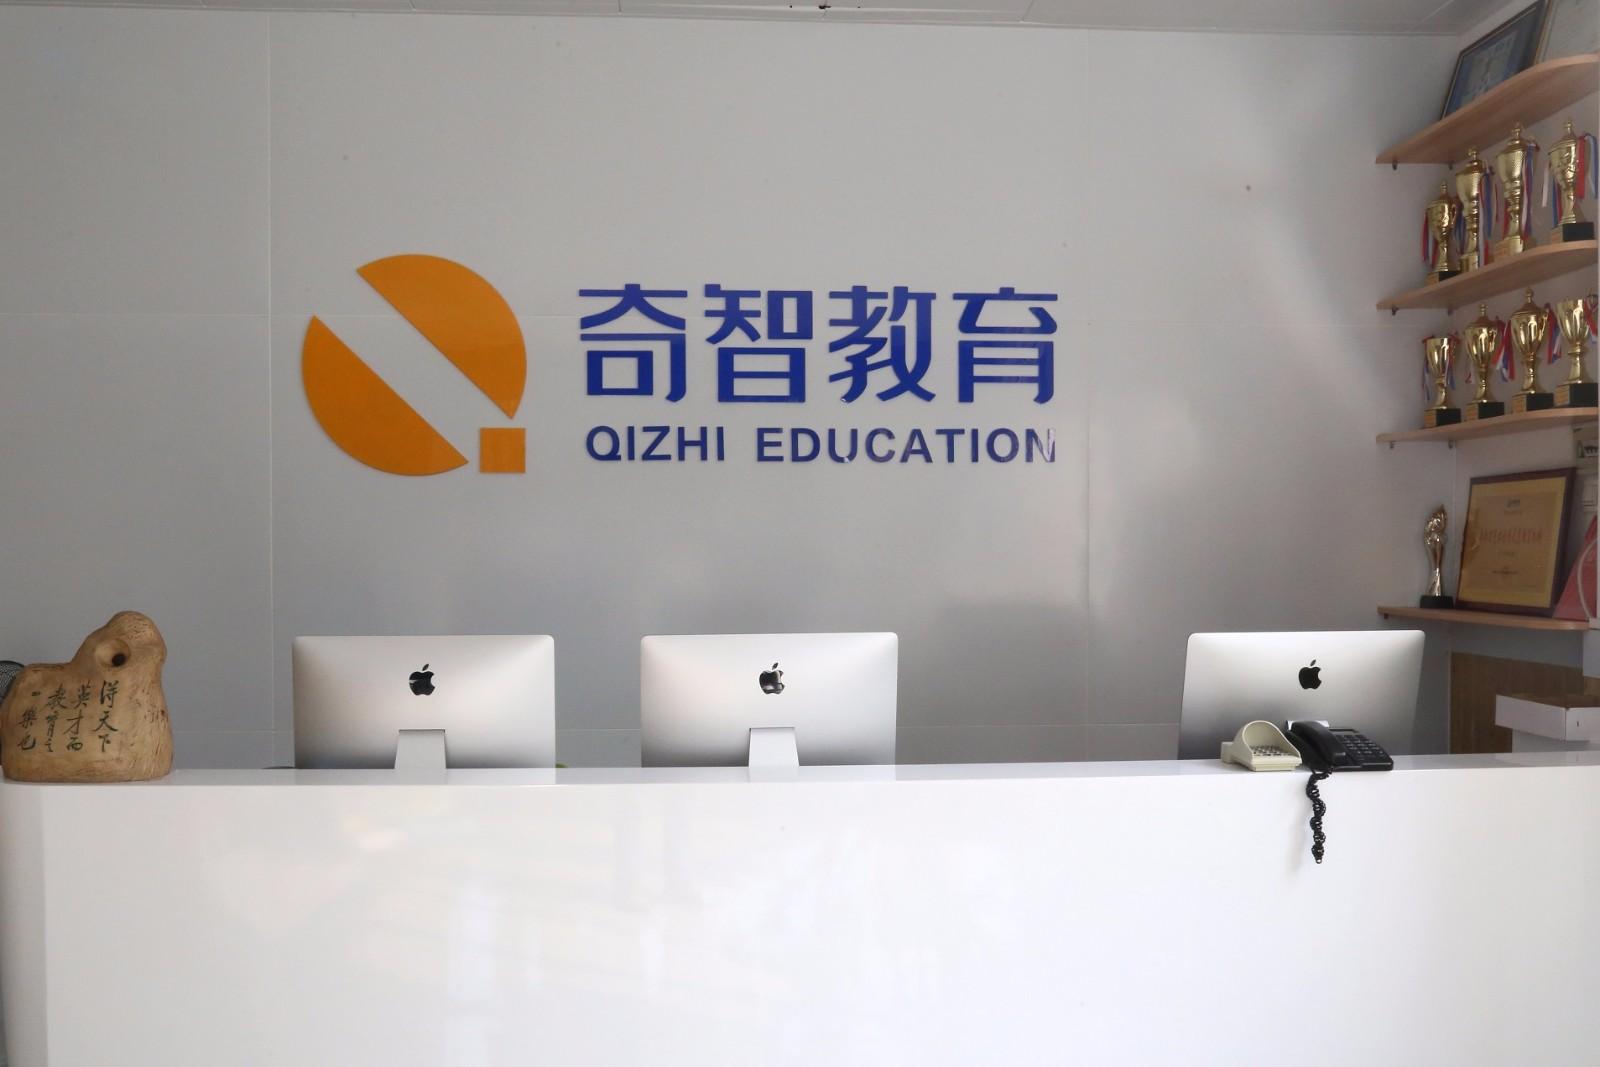 中山奇智教育科技有限公司_才通國際人才網_job001.cn